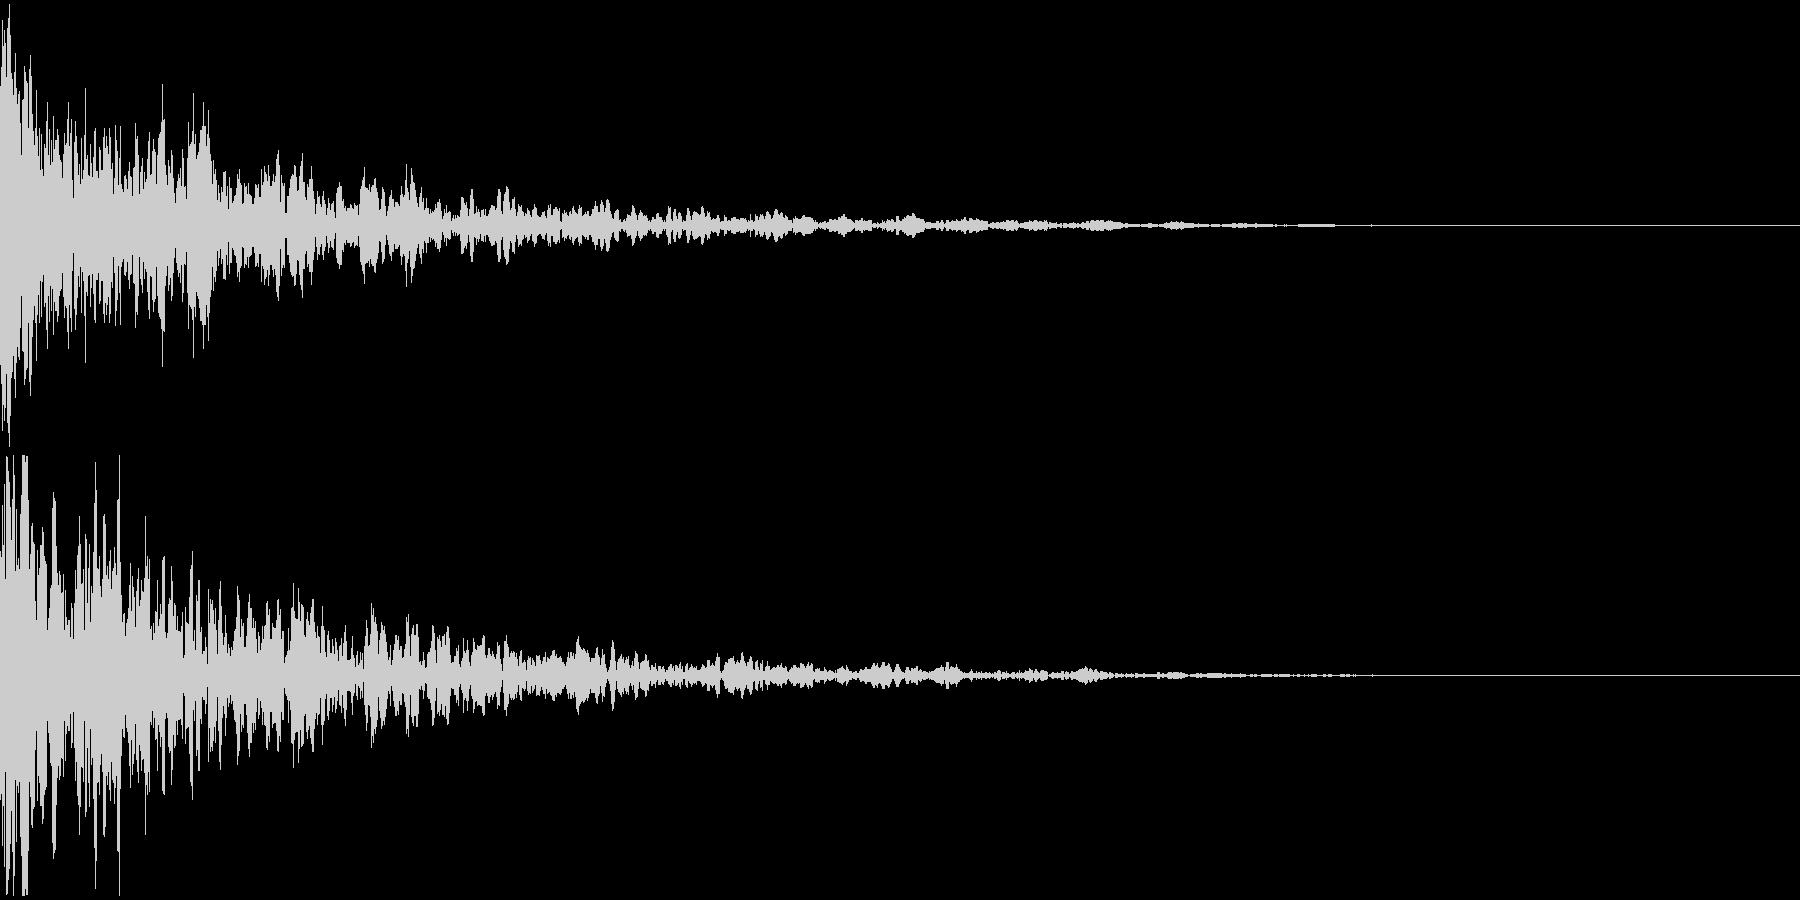 ドーン-07−2(インパクト音)の未再生の波形